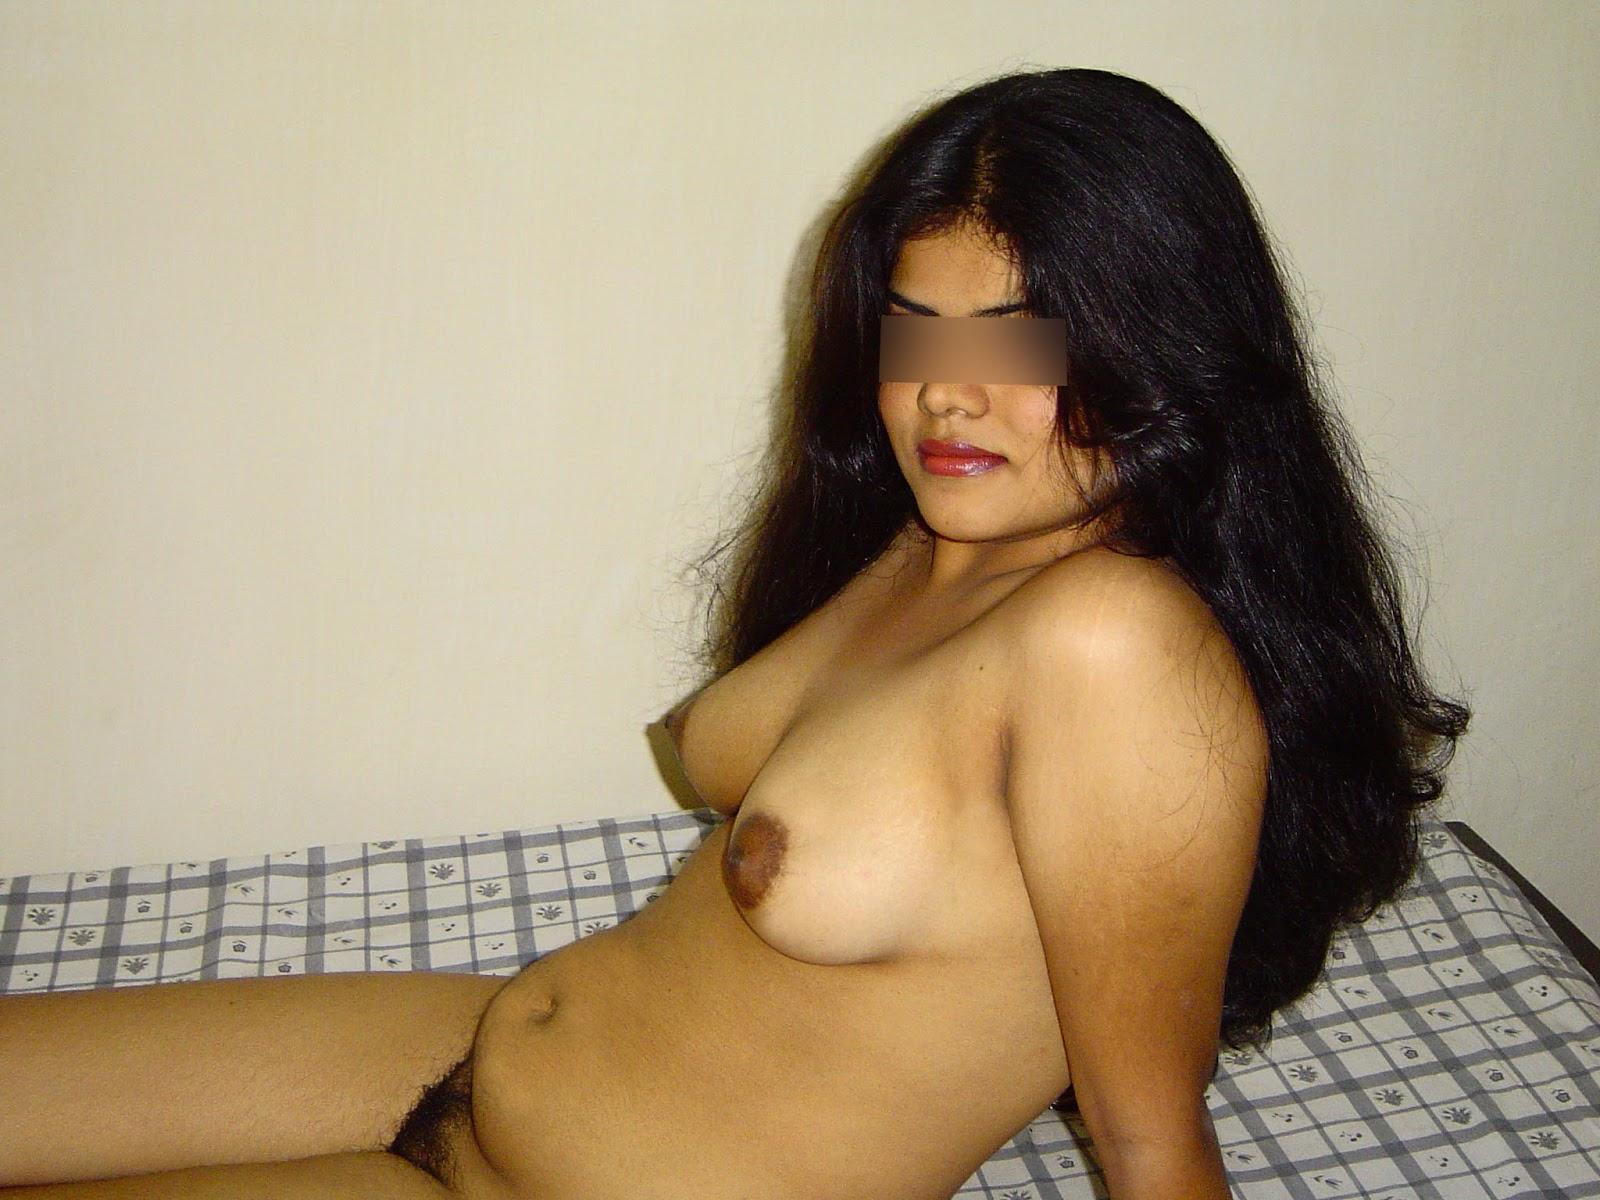 того момента, неха наир индийская порнозвезда неприятностей